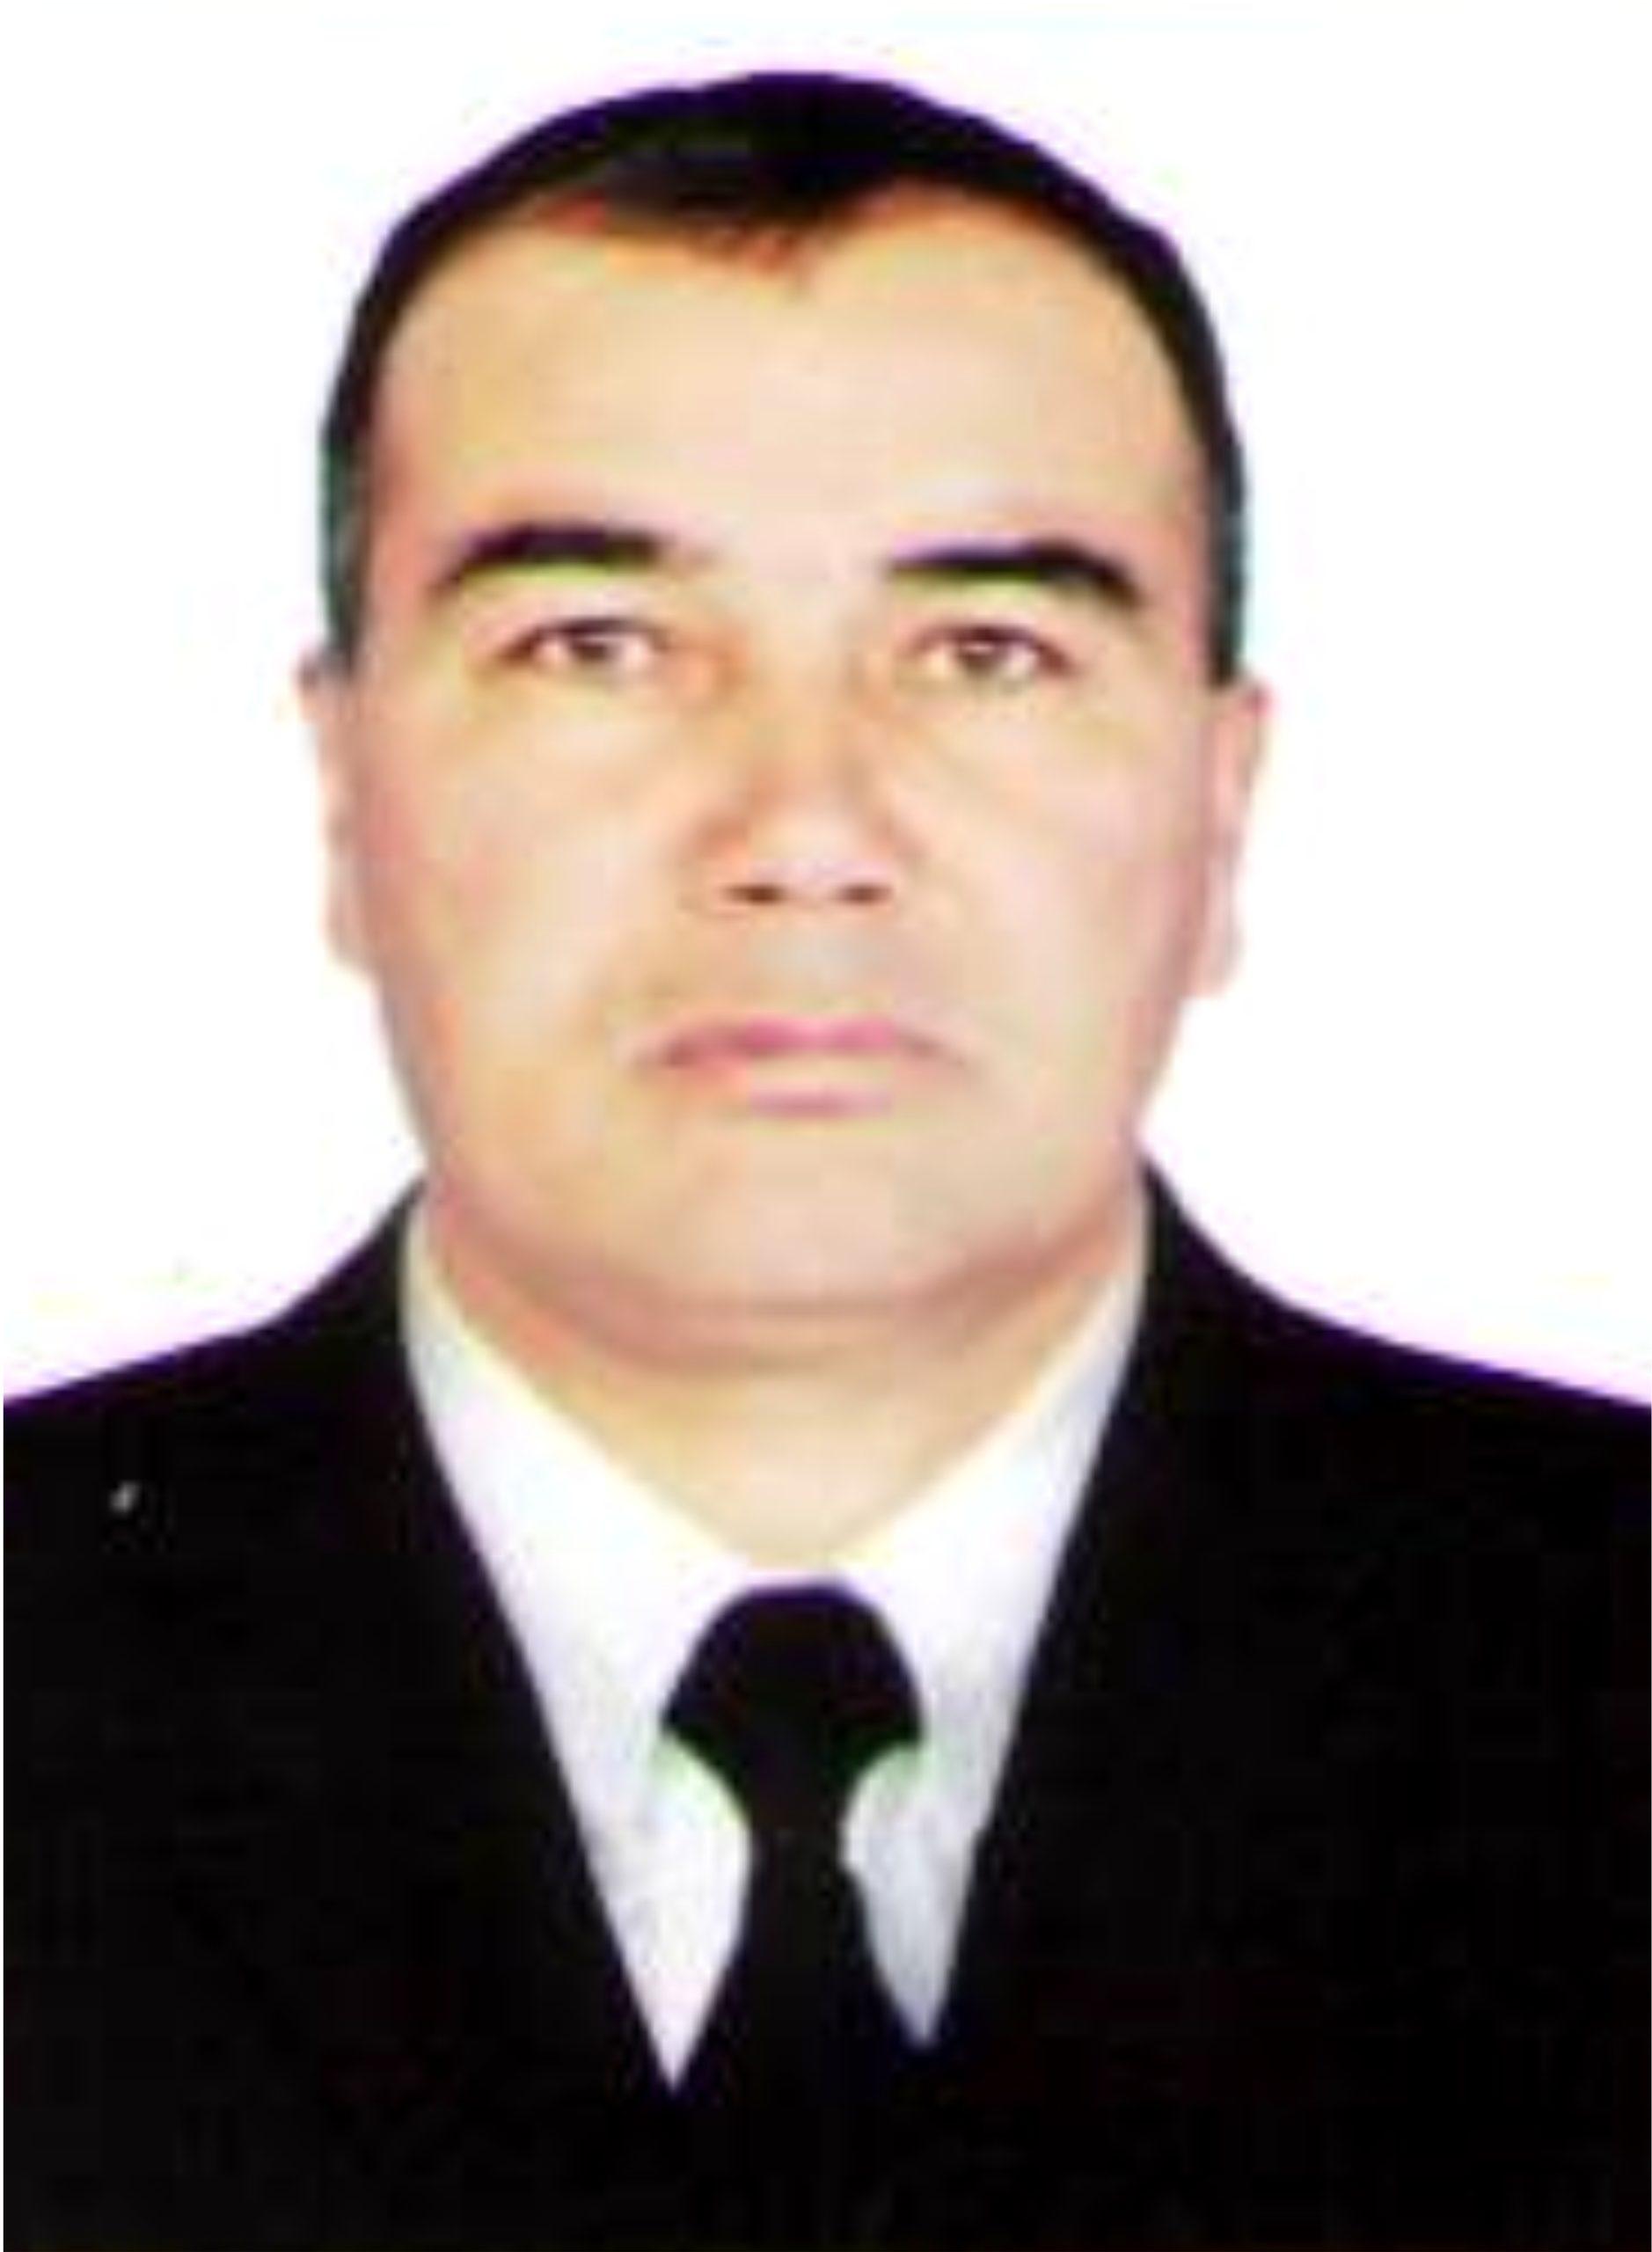 Saitov Alisher Shonazarovich